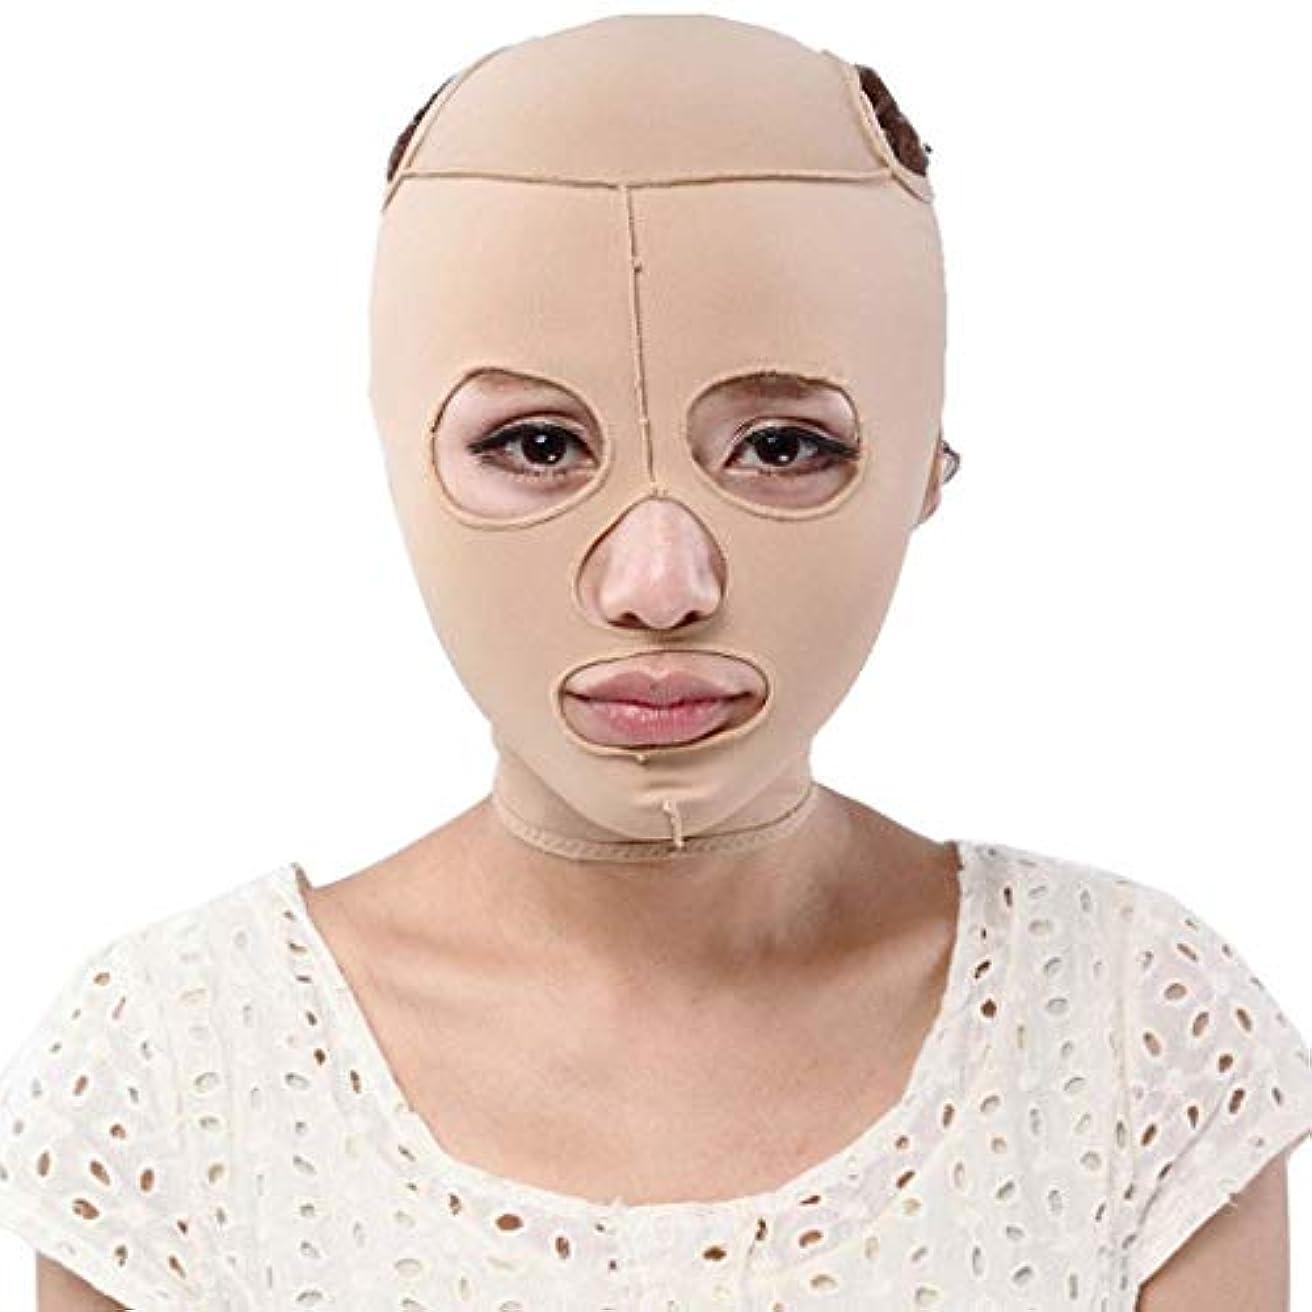 大きさ販売計画今日フェイシャルスリミングマスク、フェイスリフティング包帯Vフェイスリフティングおよびリフティング/チンブラッシュスリムボディリダクションダブルチン減量包帯通気性、肌(XL) (S)